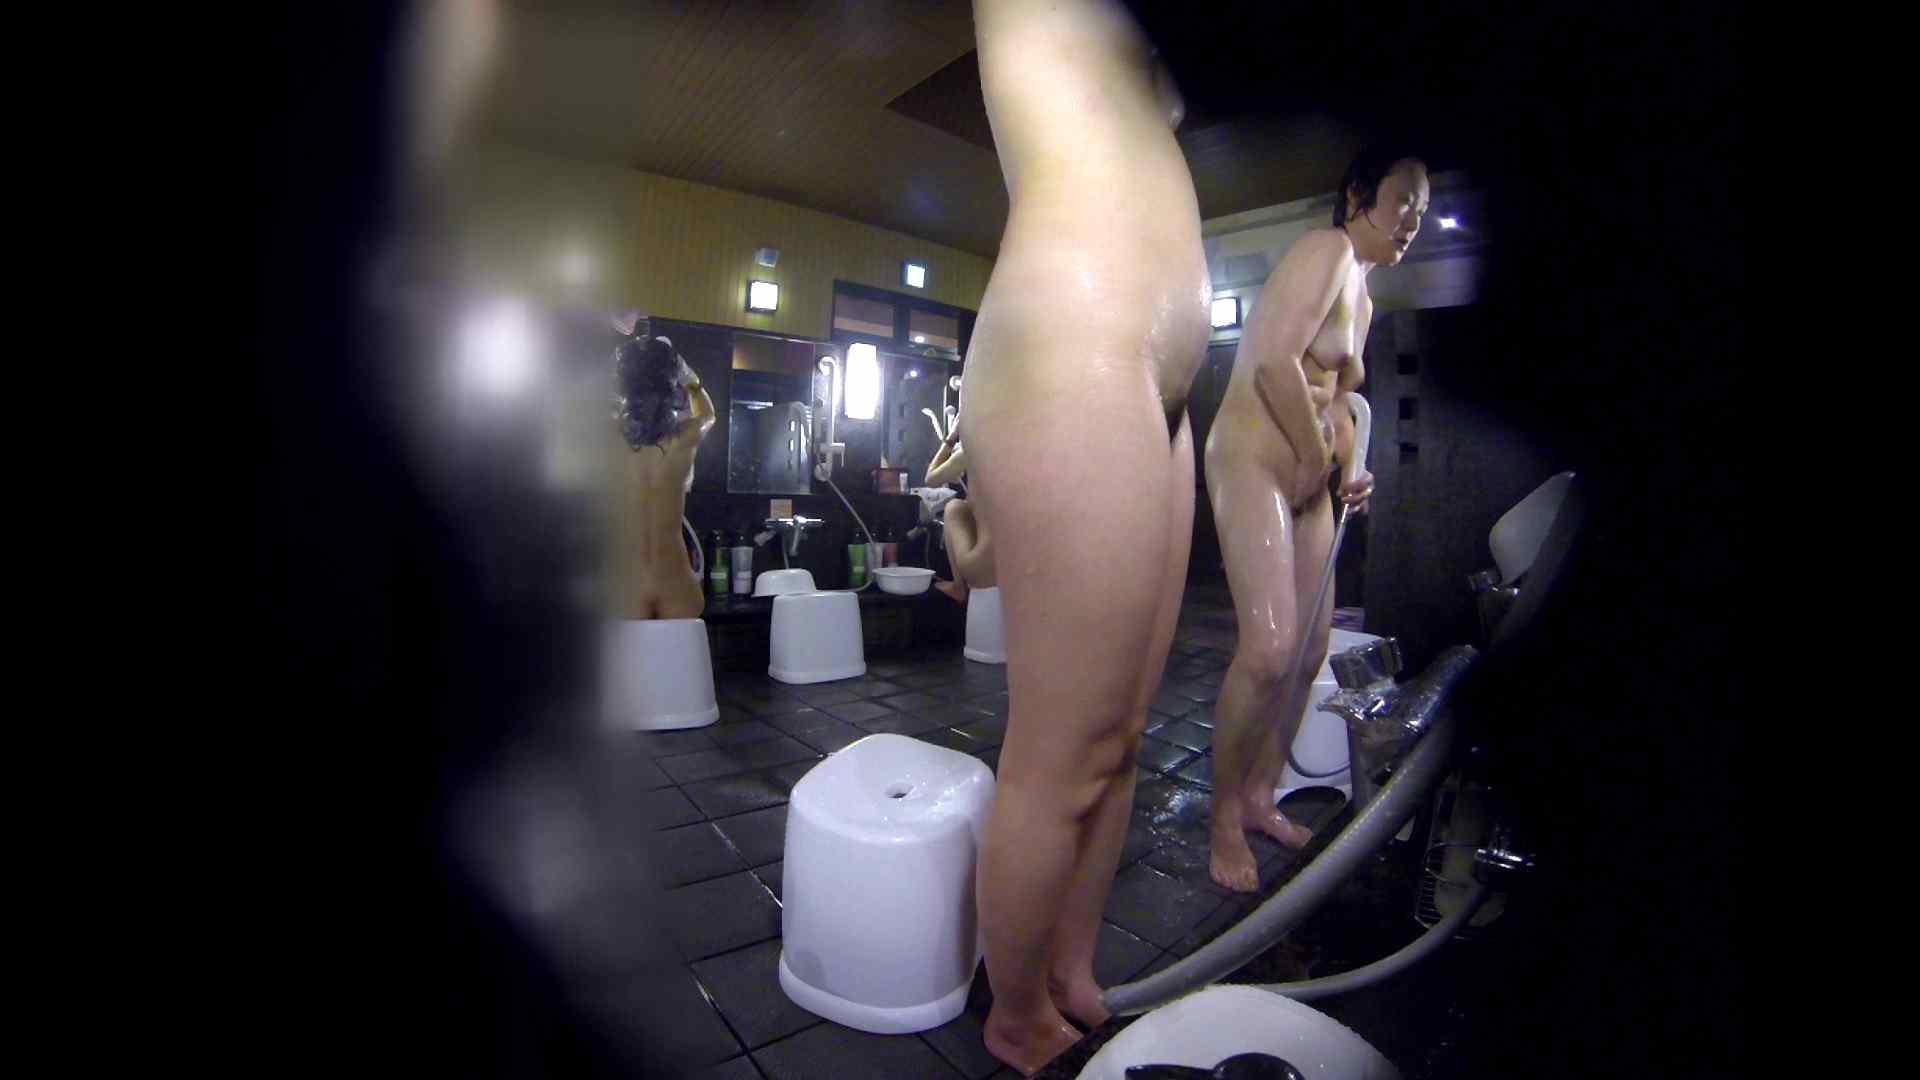 洗い場!好きです!ボリューム満点ボディーな感じが堪りません。 女湯 | 桃色乳首  113画像 25